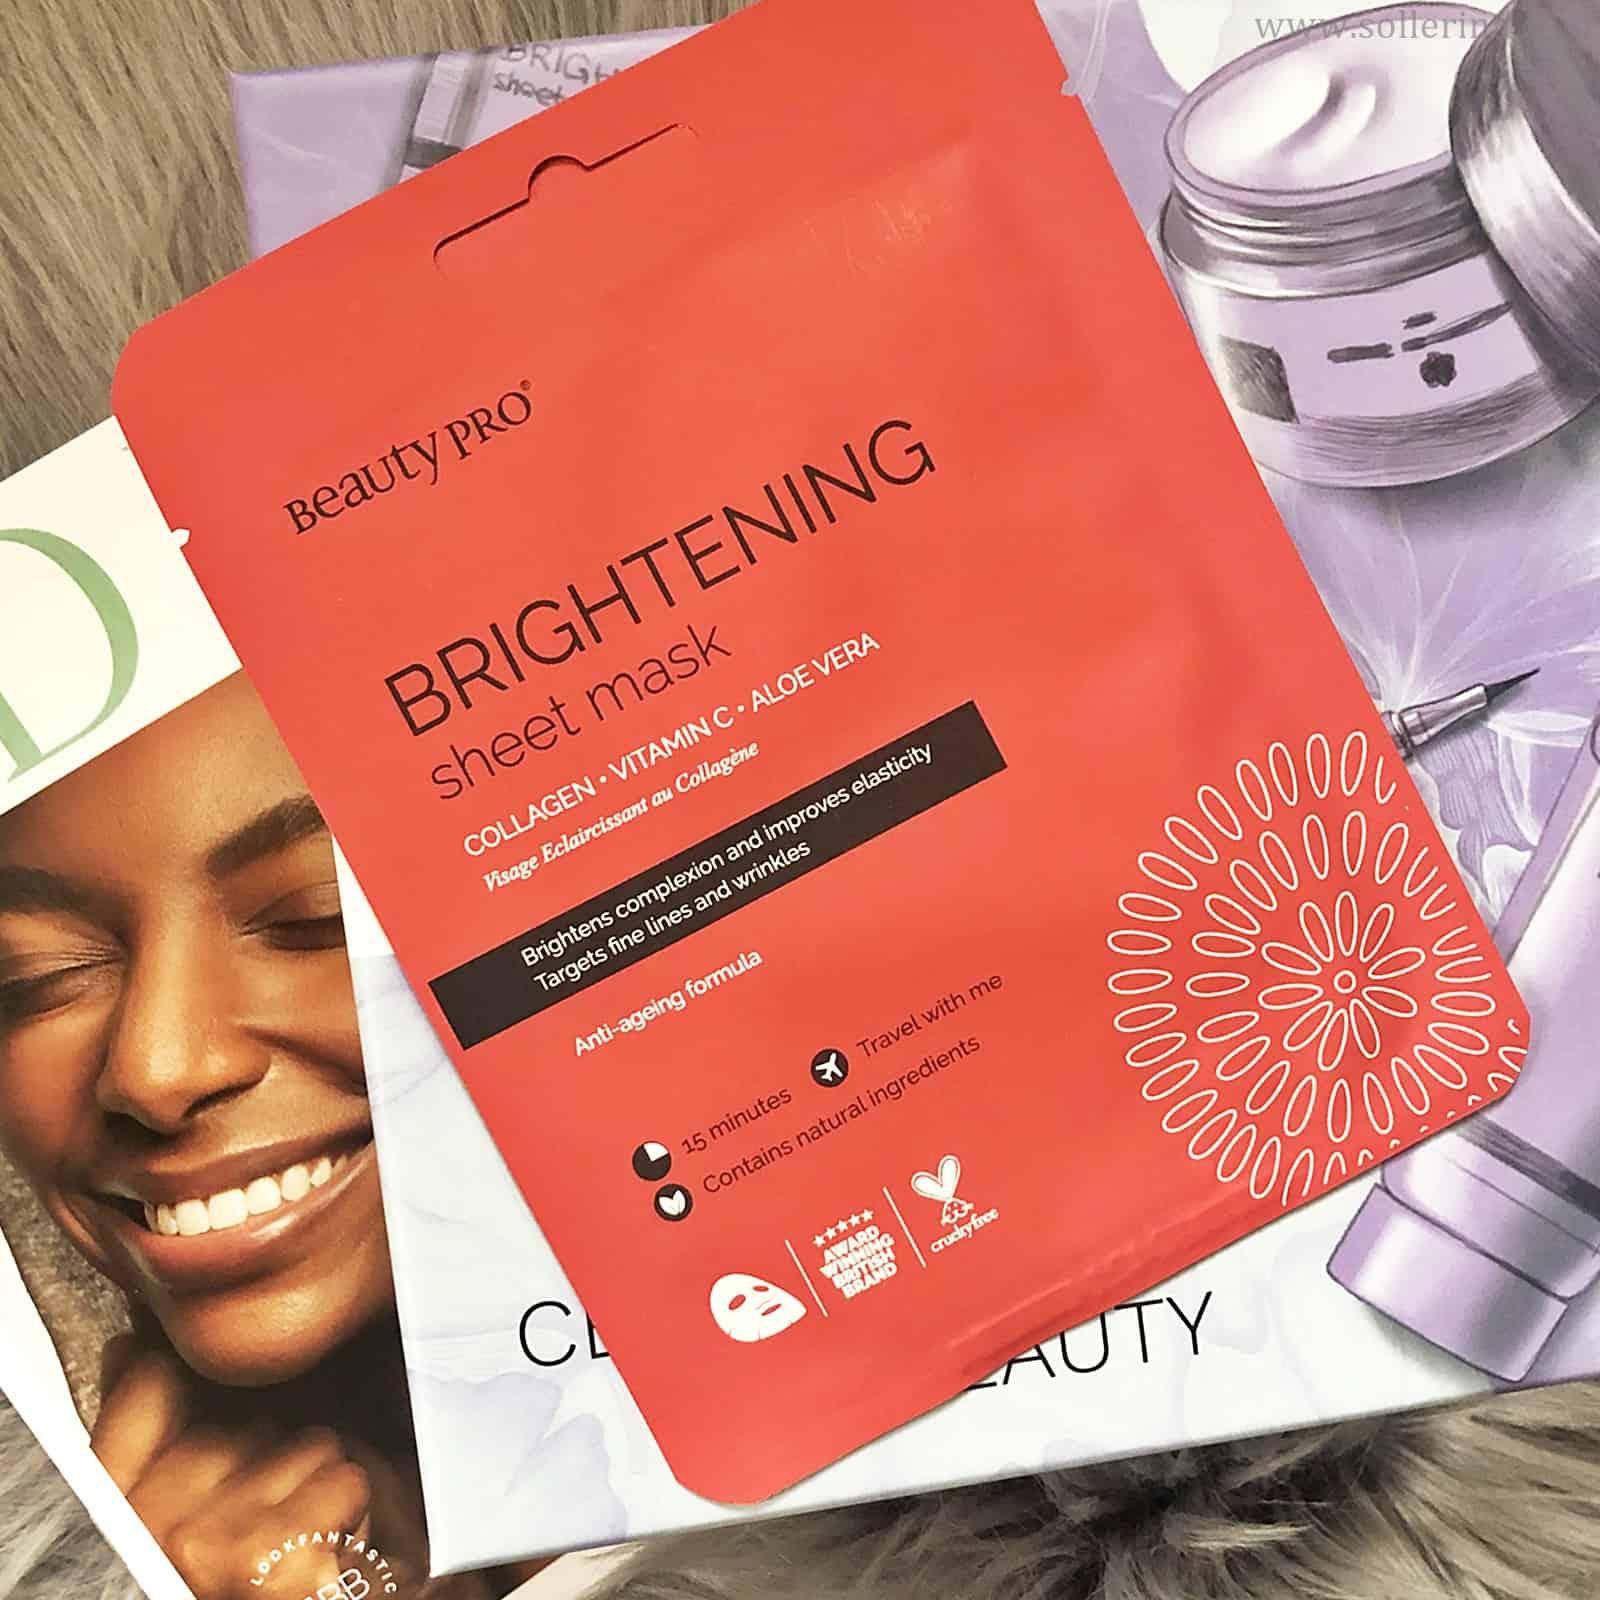 Beauty Pro – Brightening Sheet Mask